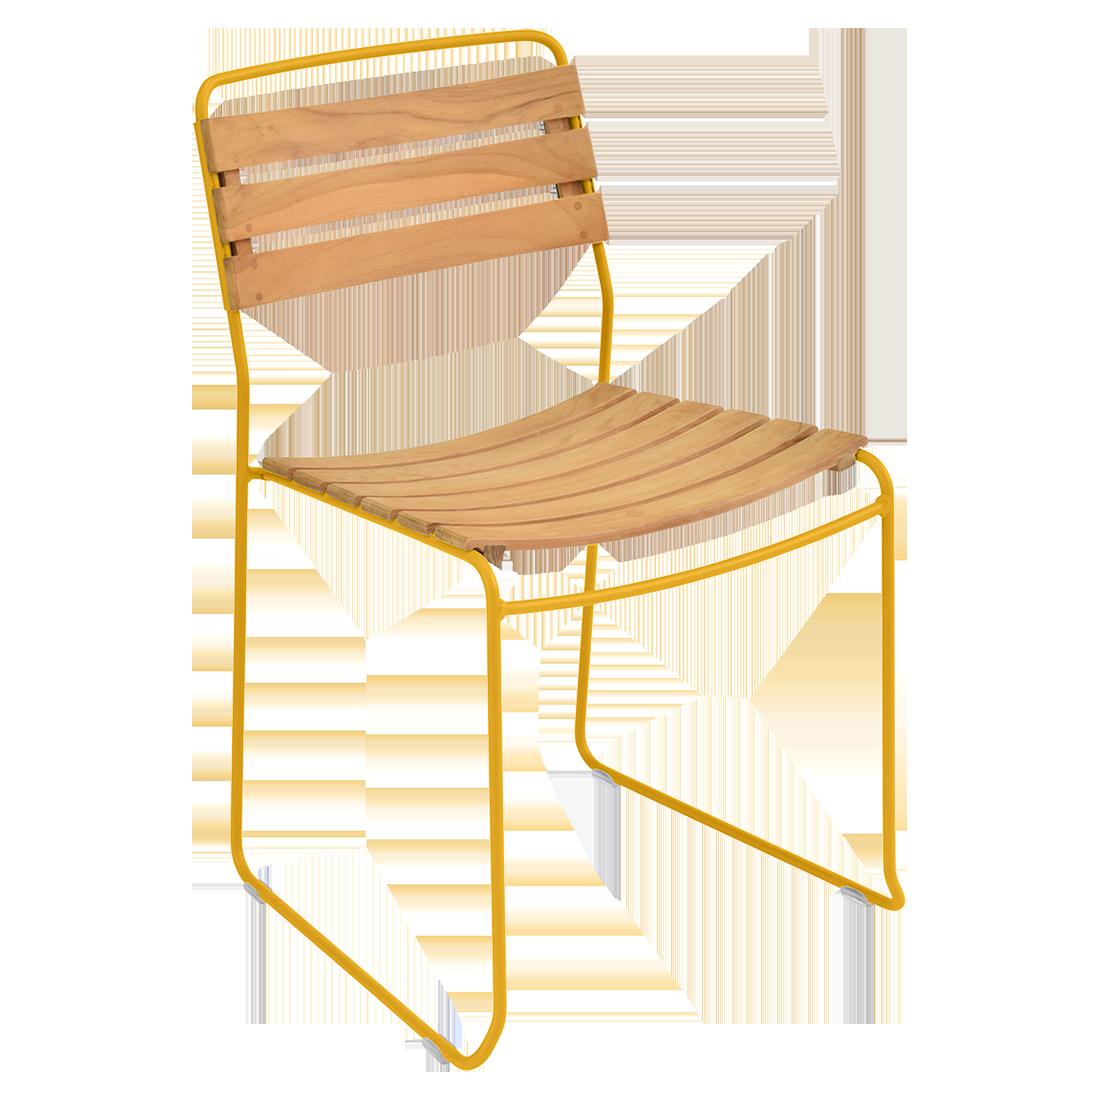 chaise surprising, chaise fermob, chaise bois et metal, chaise de jardin, chaise design, chaise bois et jaune, guggenbichler